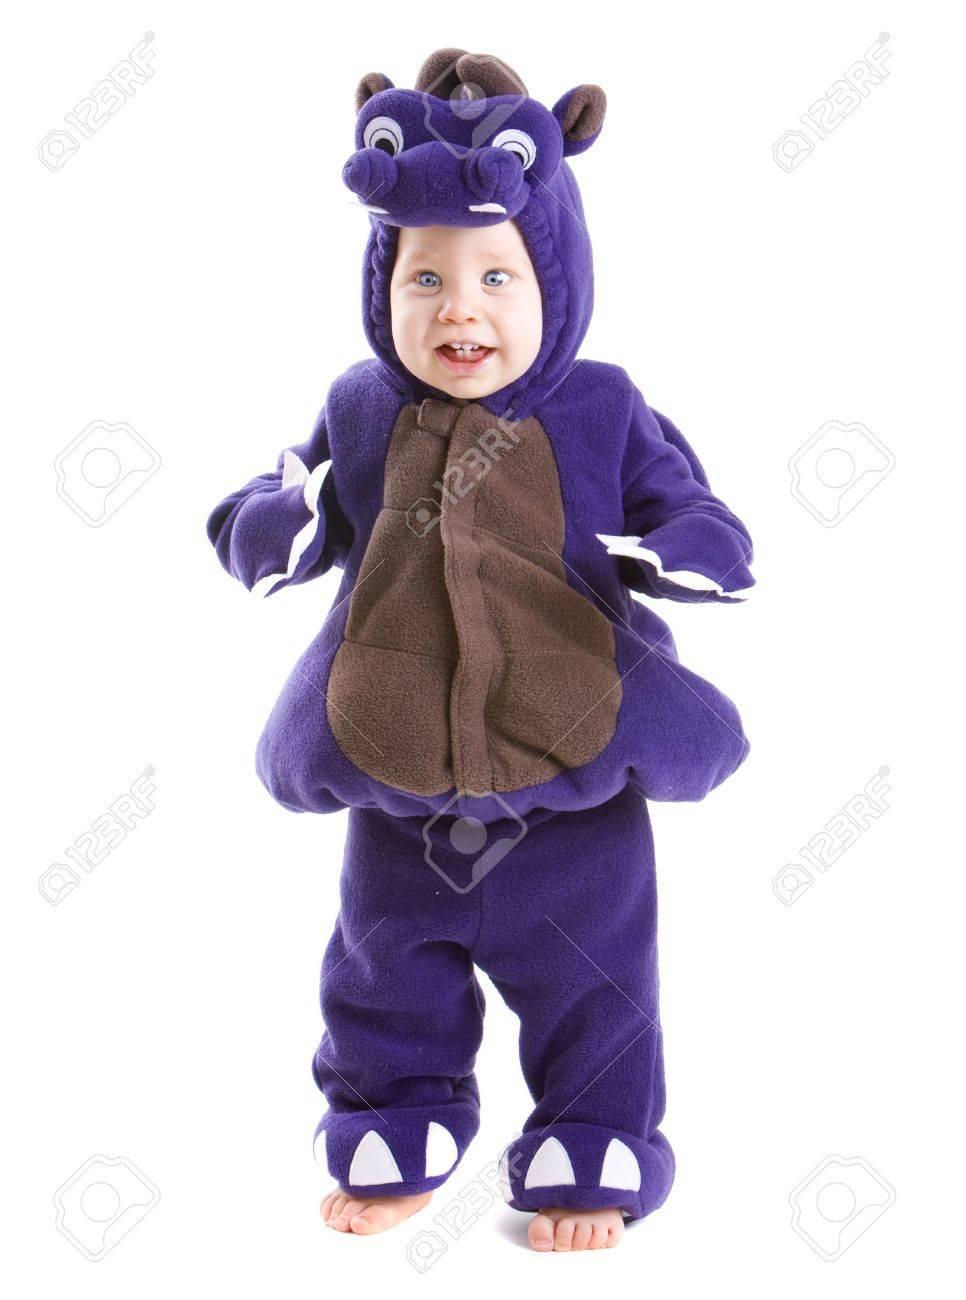 Jóvenes Niño Vestido Con Traje De Halloween Parte Aisladas Sobre ...